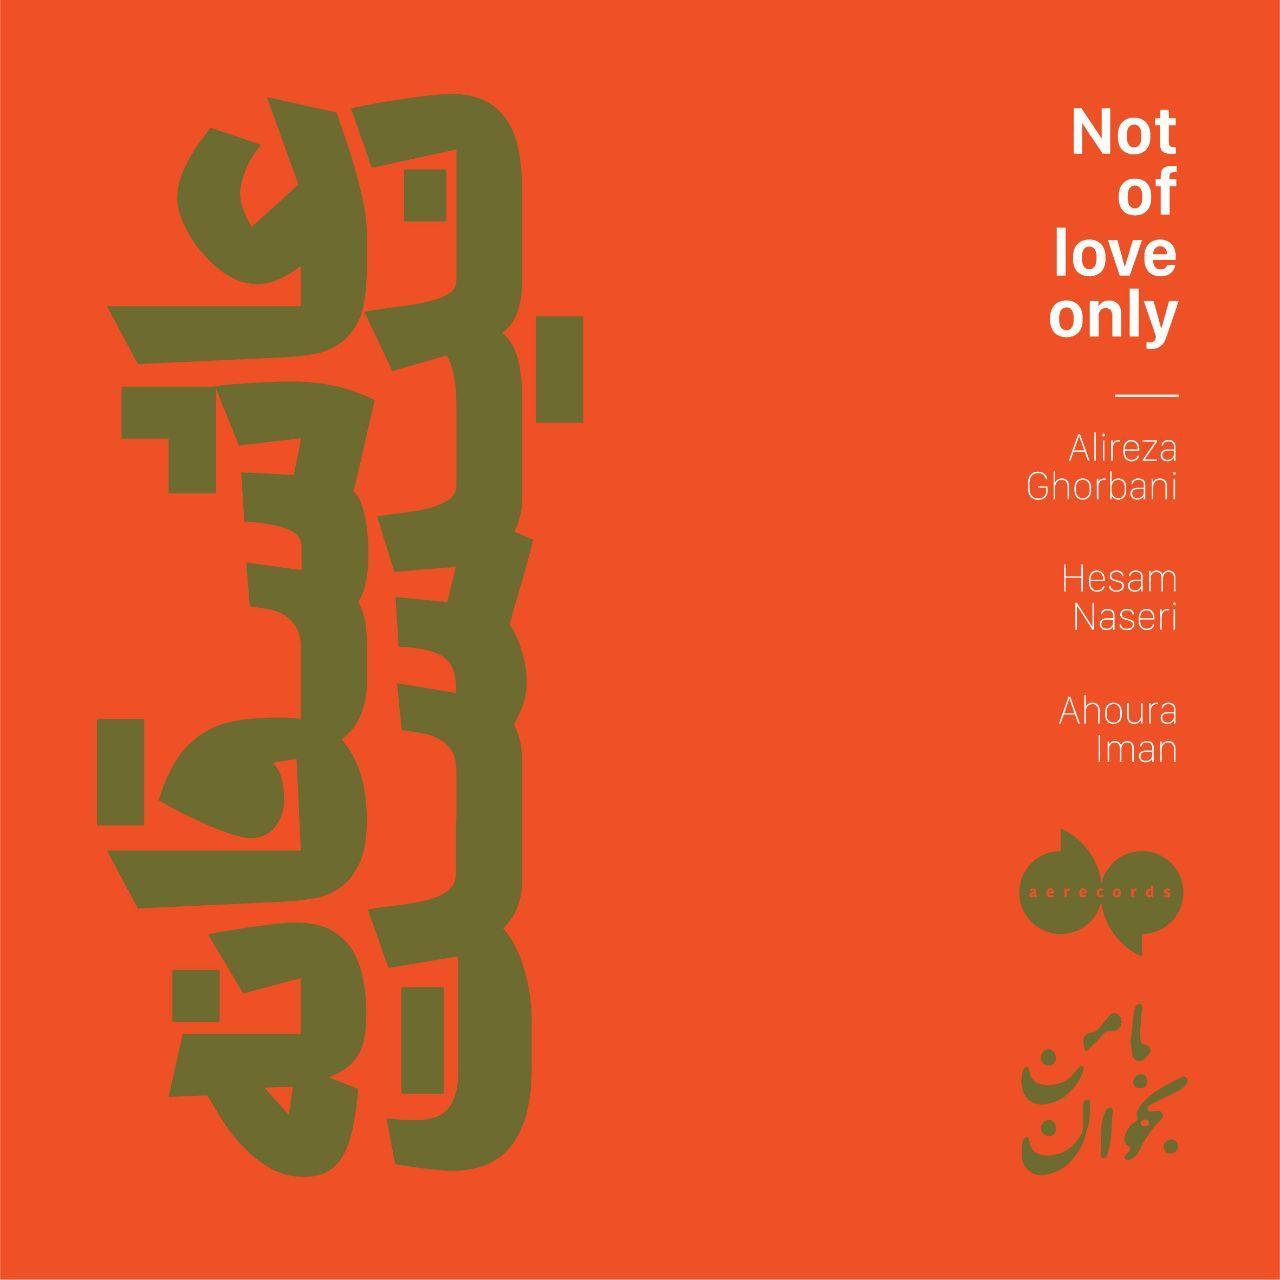 آهنگ جدید علیرضا قربانی با نام عاشقانه نیست را دانلود کنید